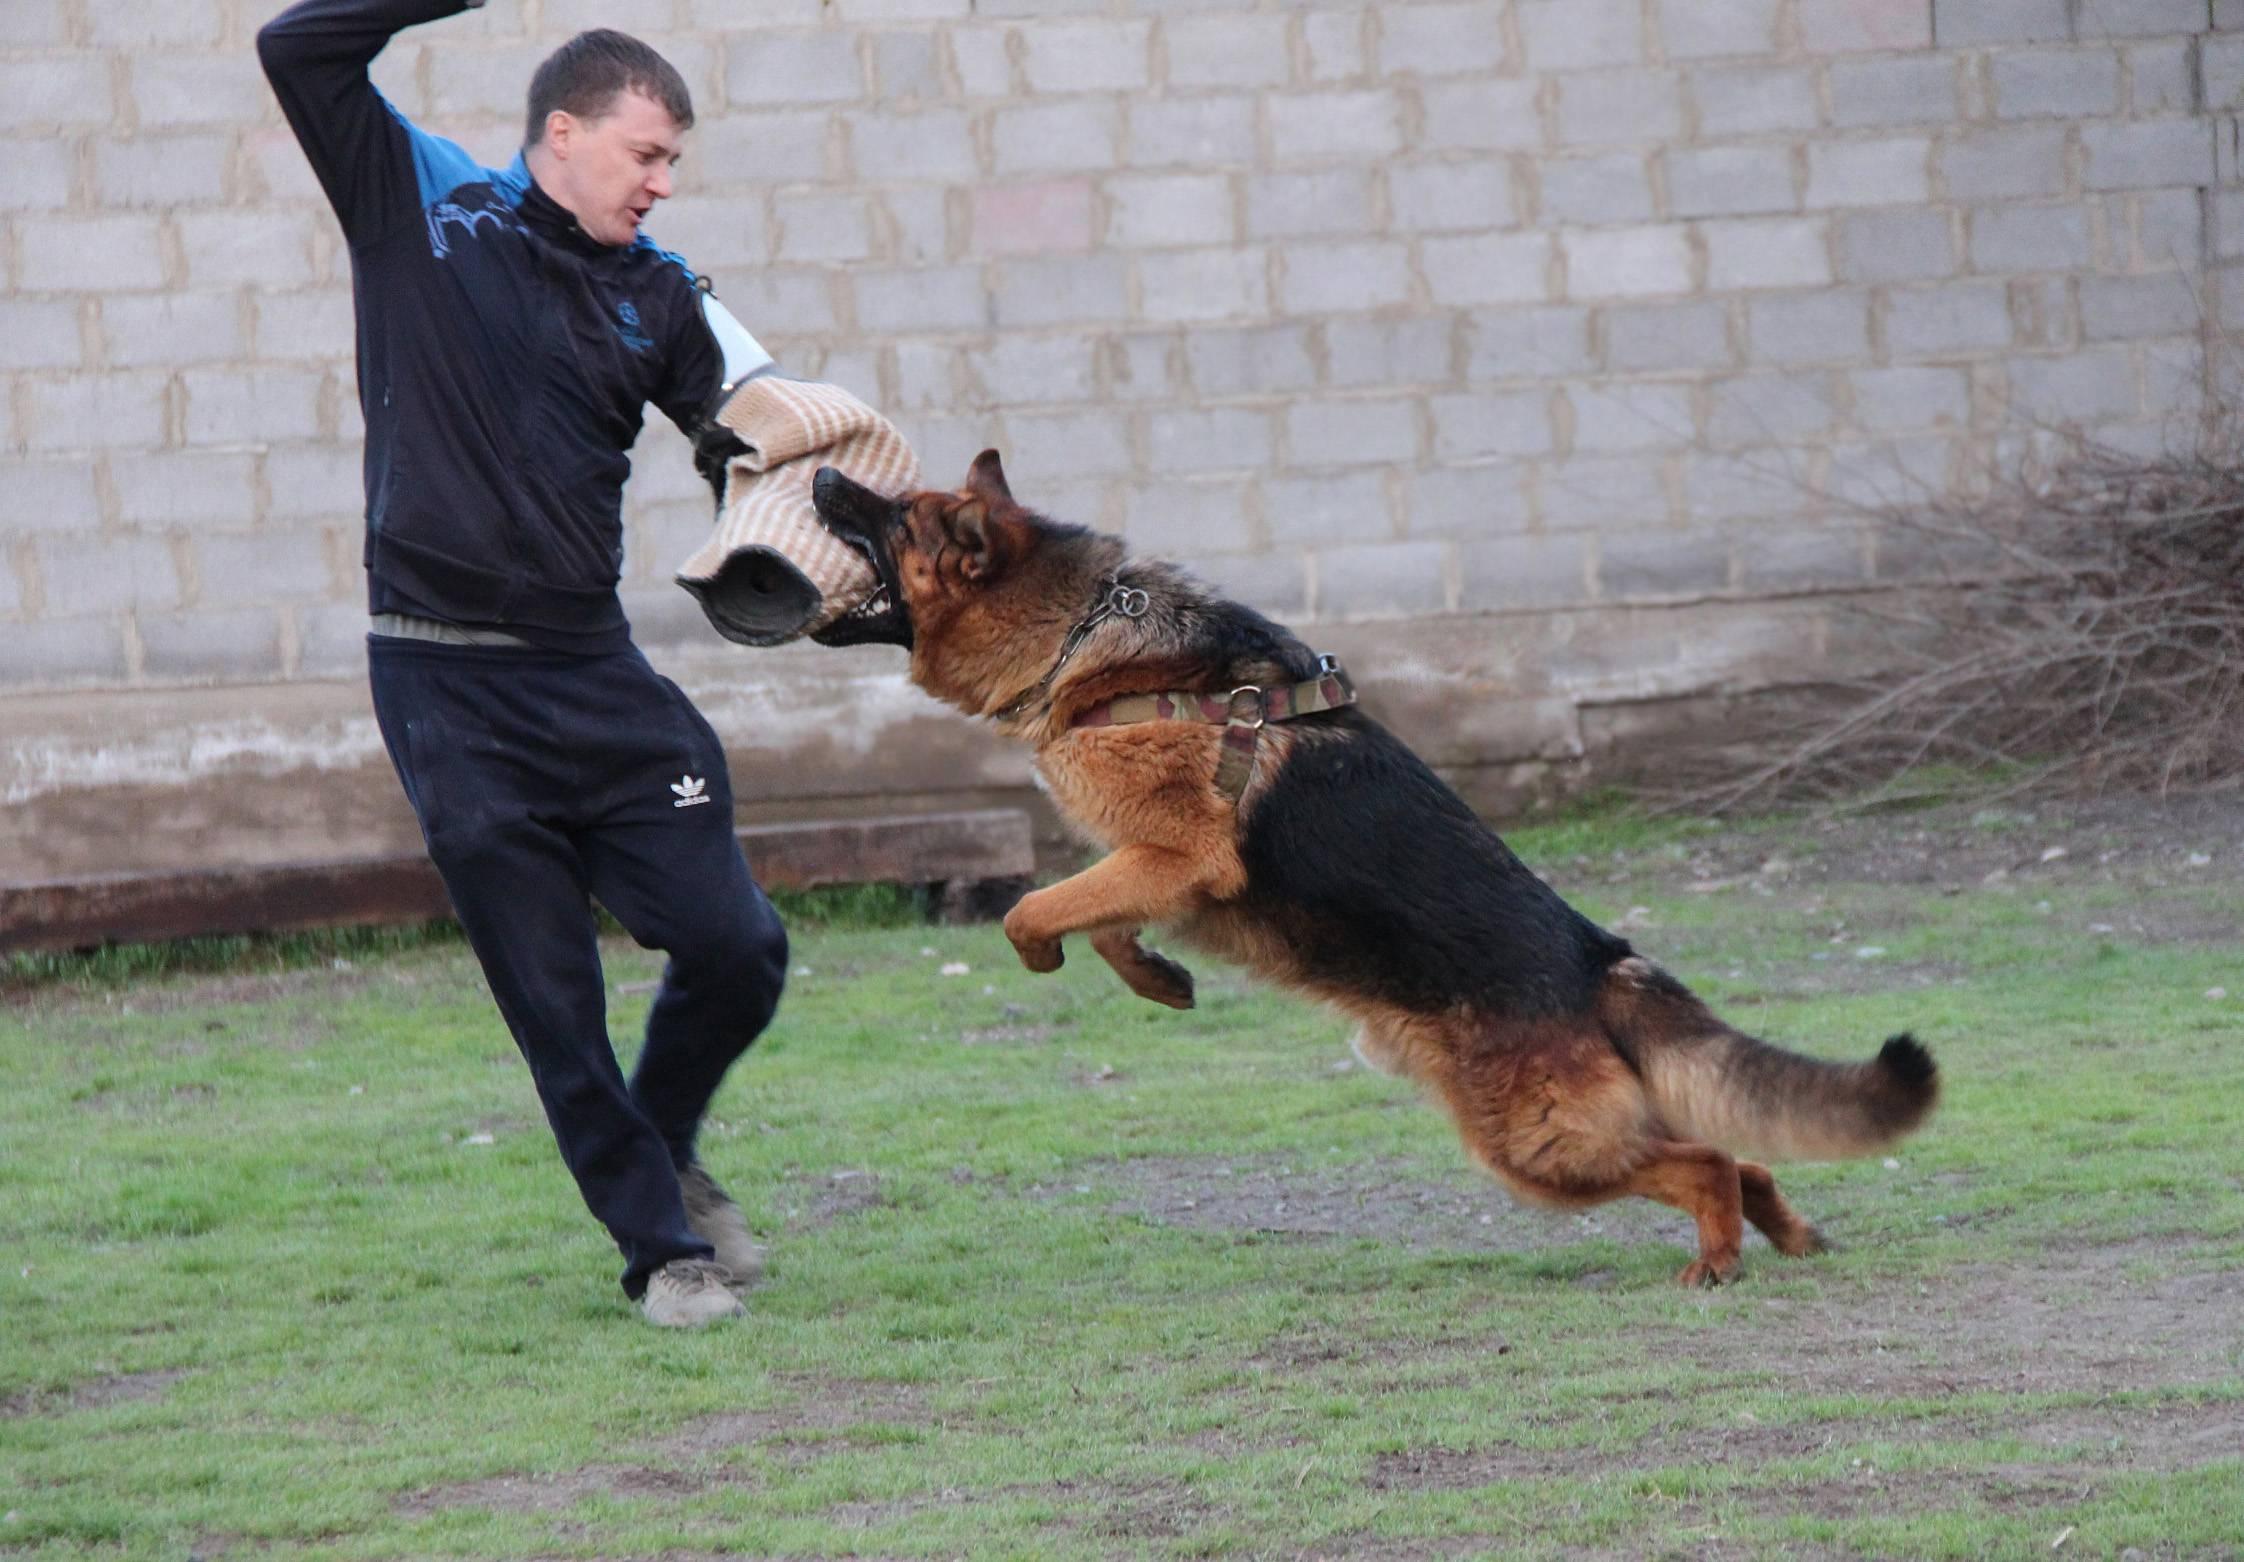 Дрессировка немецкой овчарки: обучение командам, тренировка и поощрение (фото и видео)